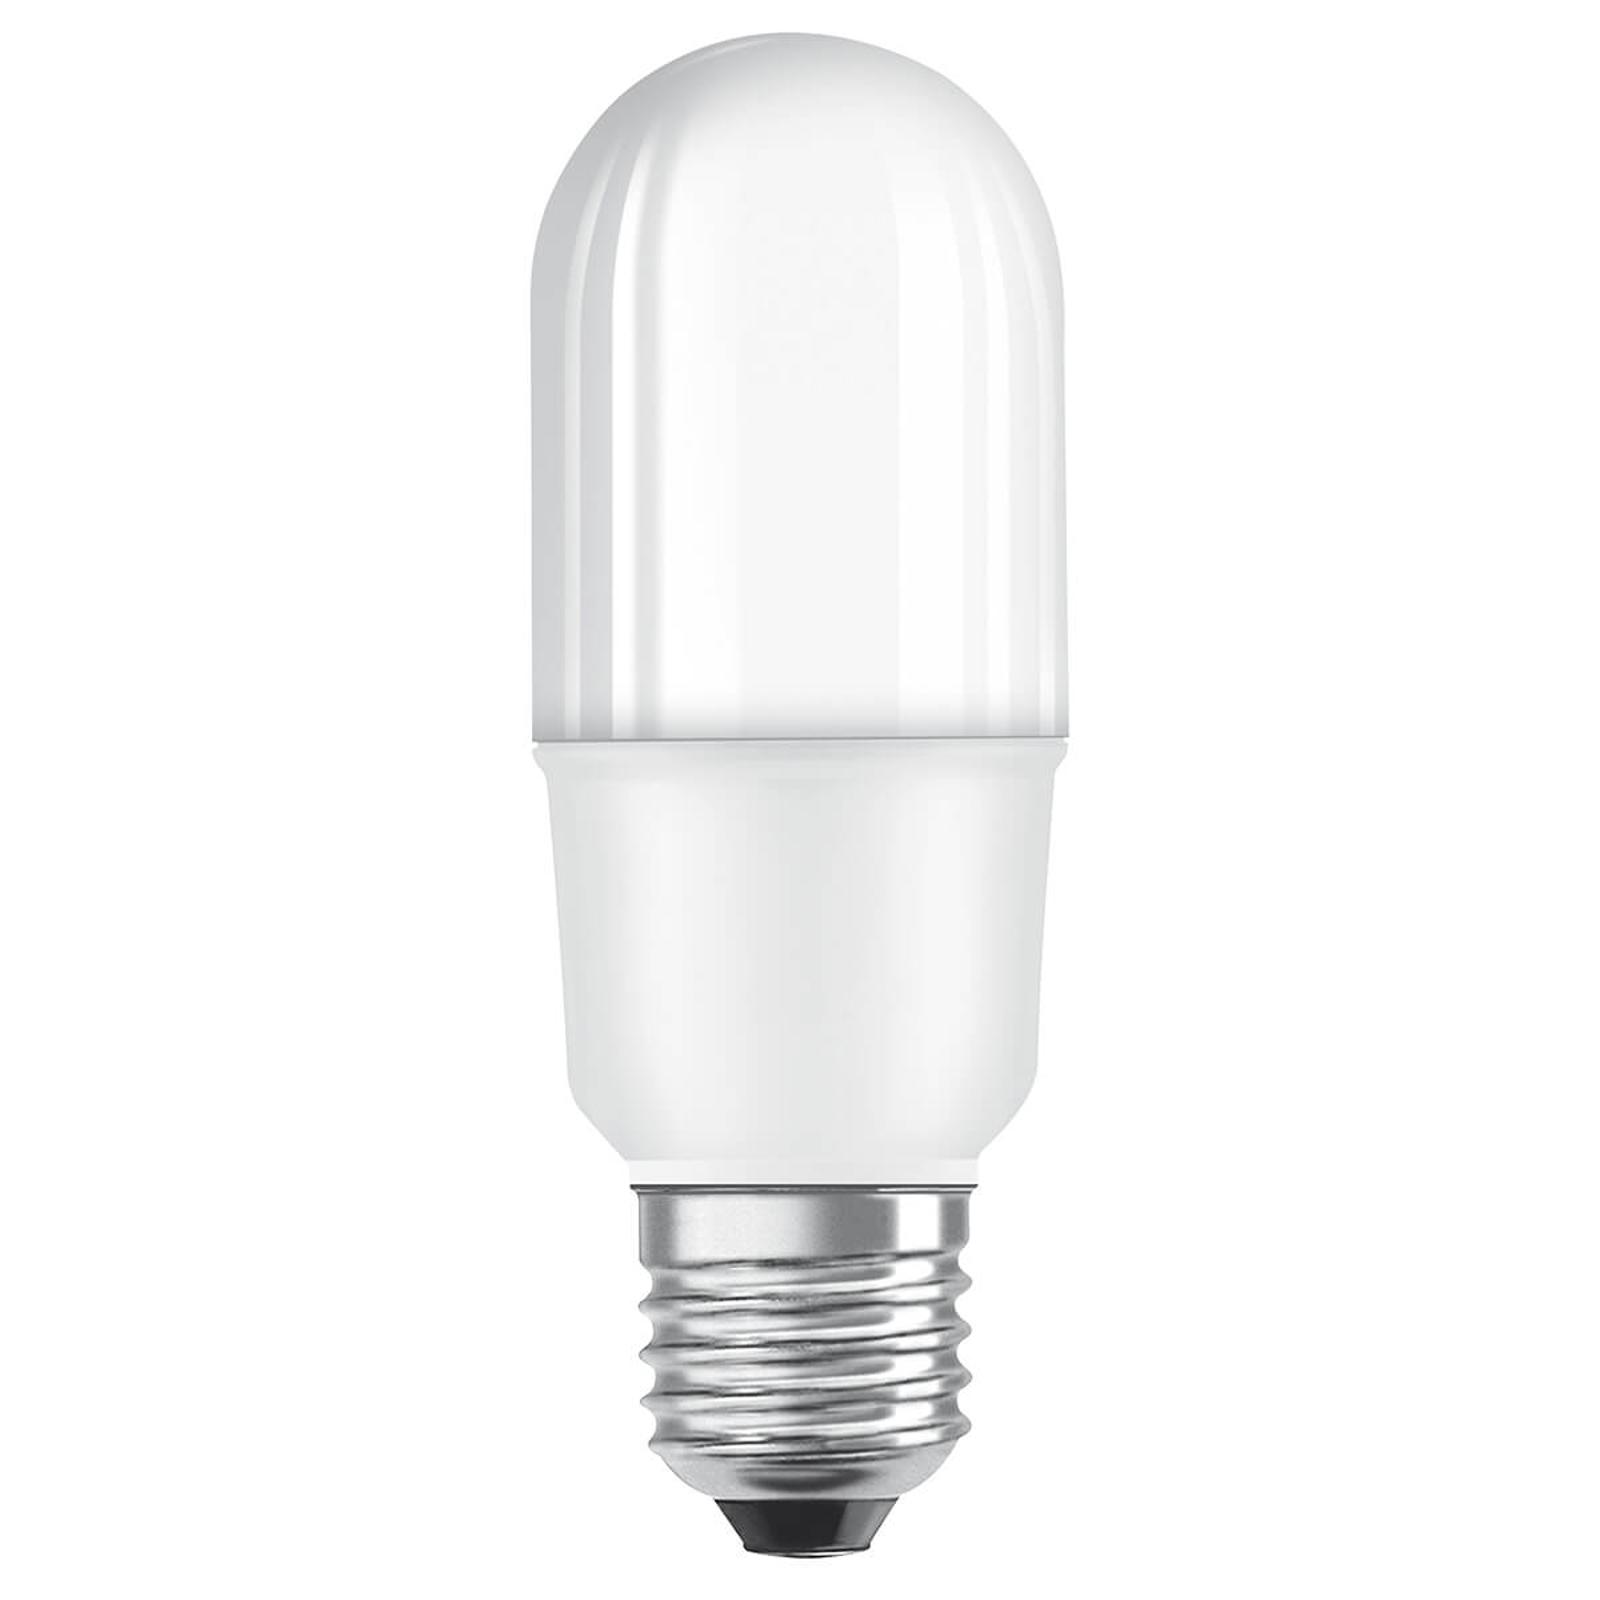 OSRAM-LED-loisteputki Star E27 8W lämmin valkoinen